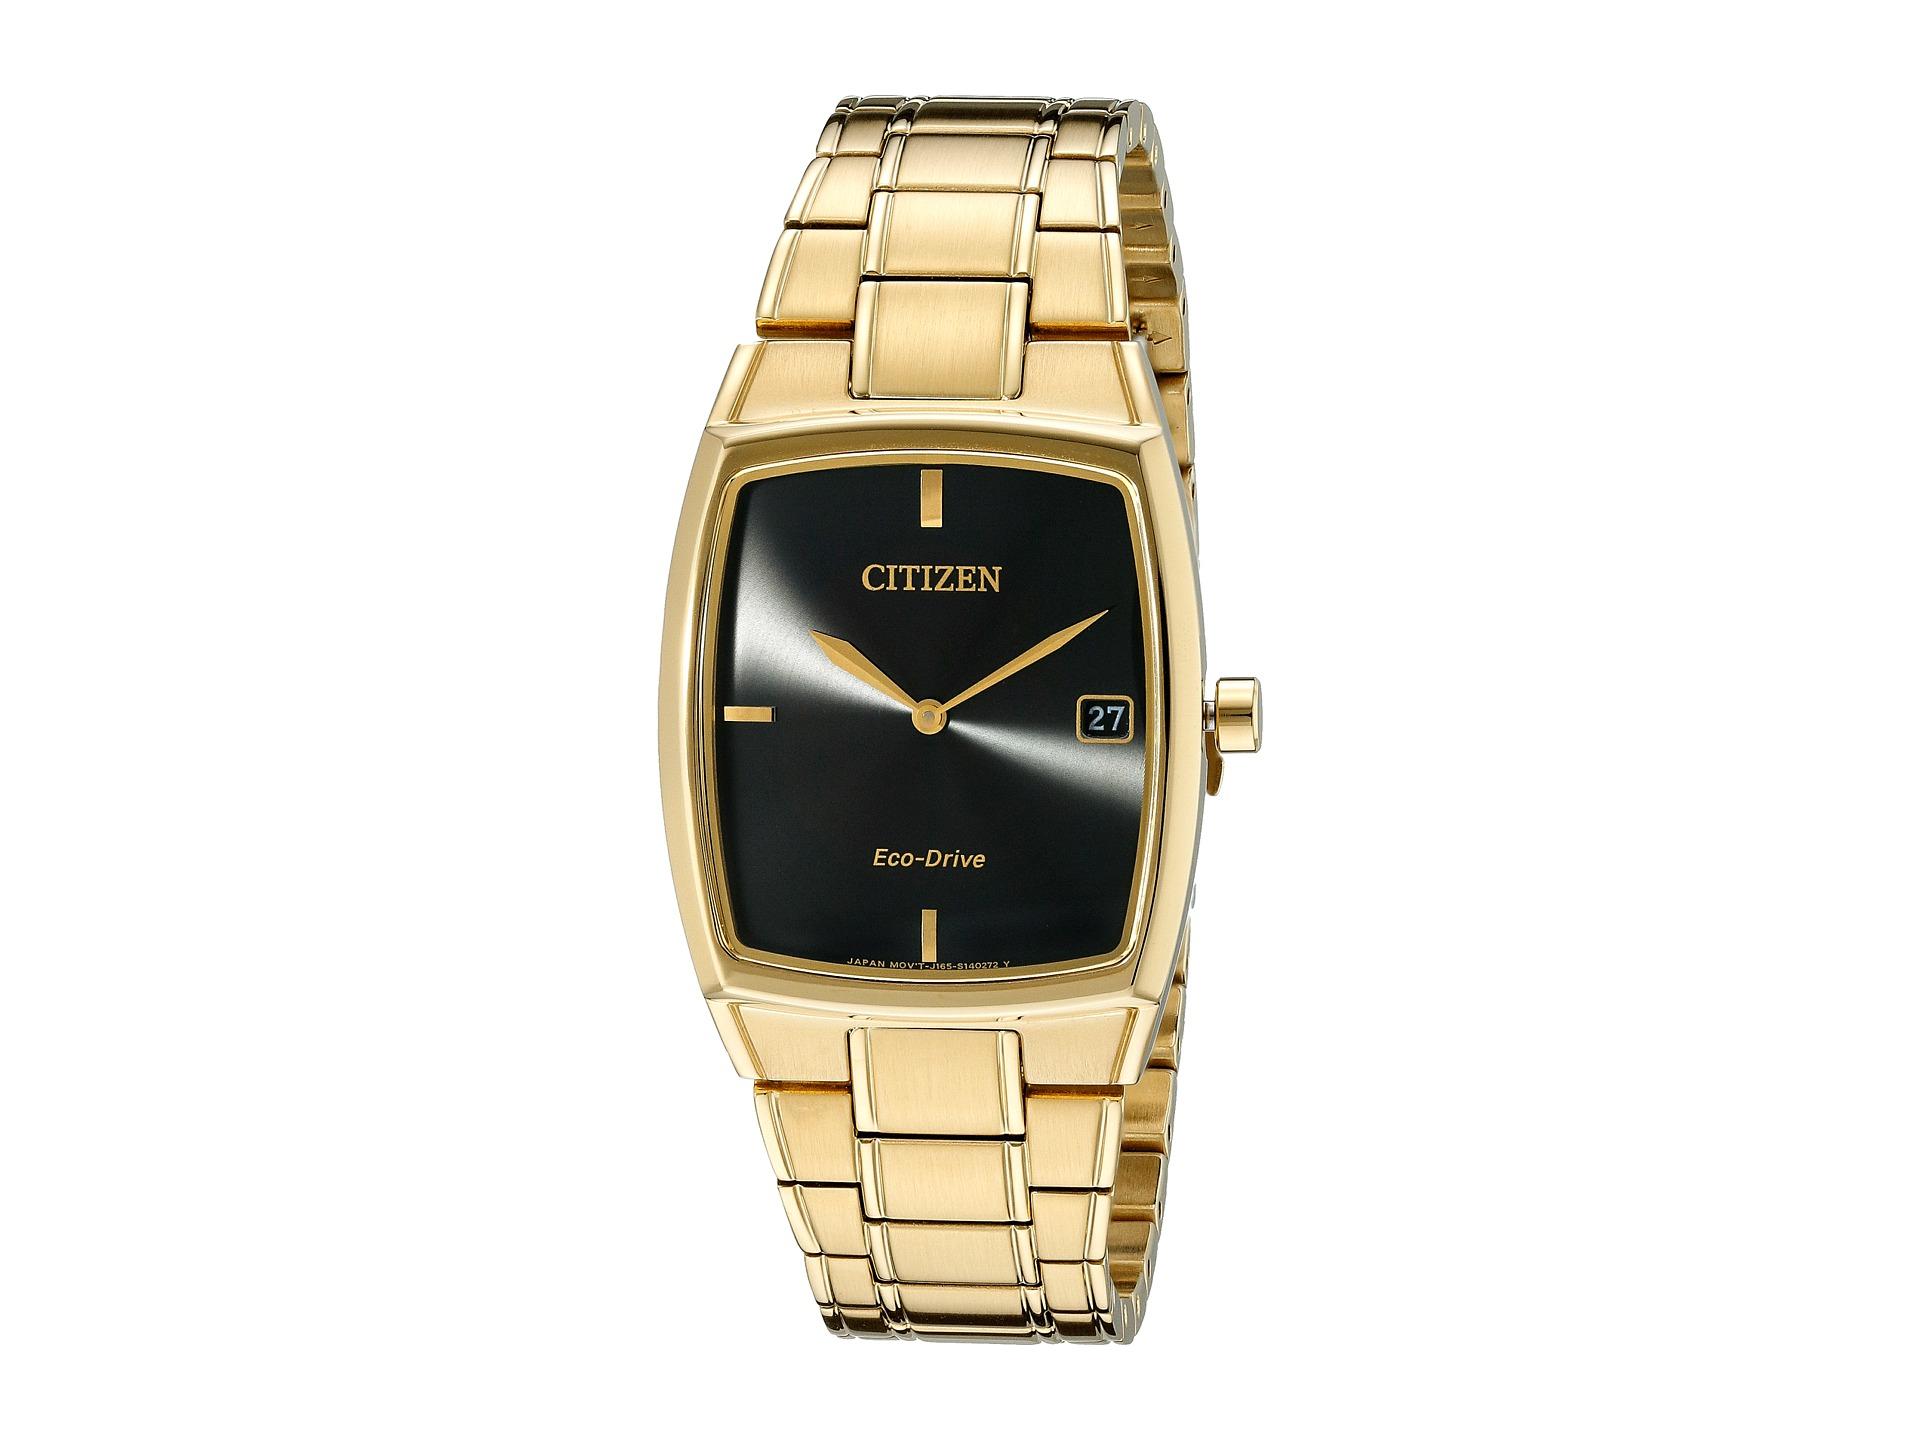 citizen watches au1072 52e eco drive dress gold tone